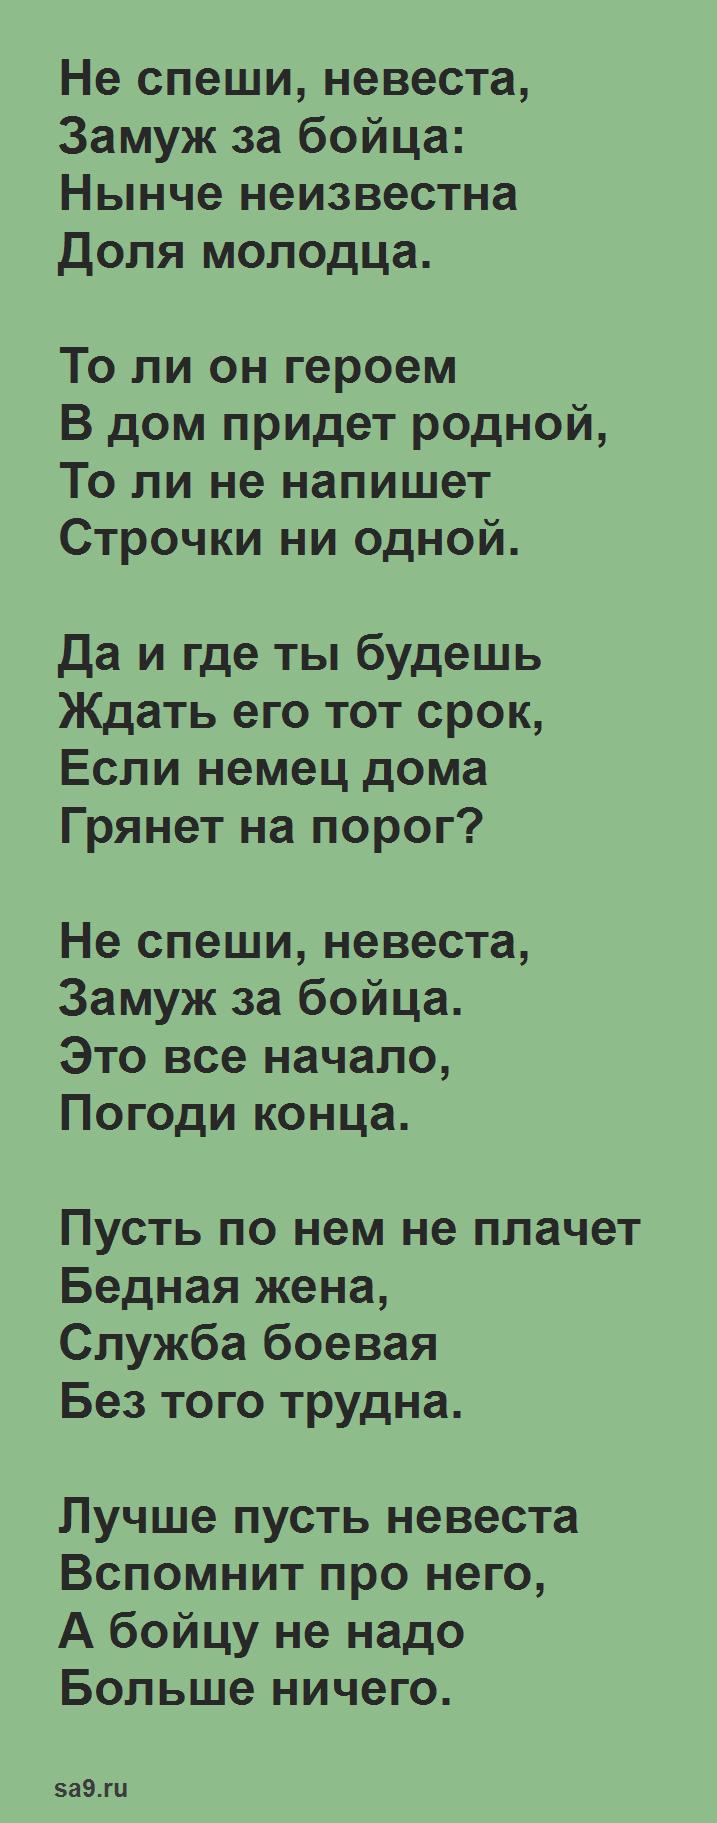 Твардовский стихи о войне - Не спеши невеста